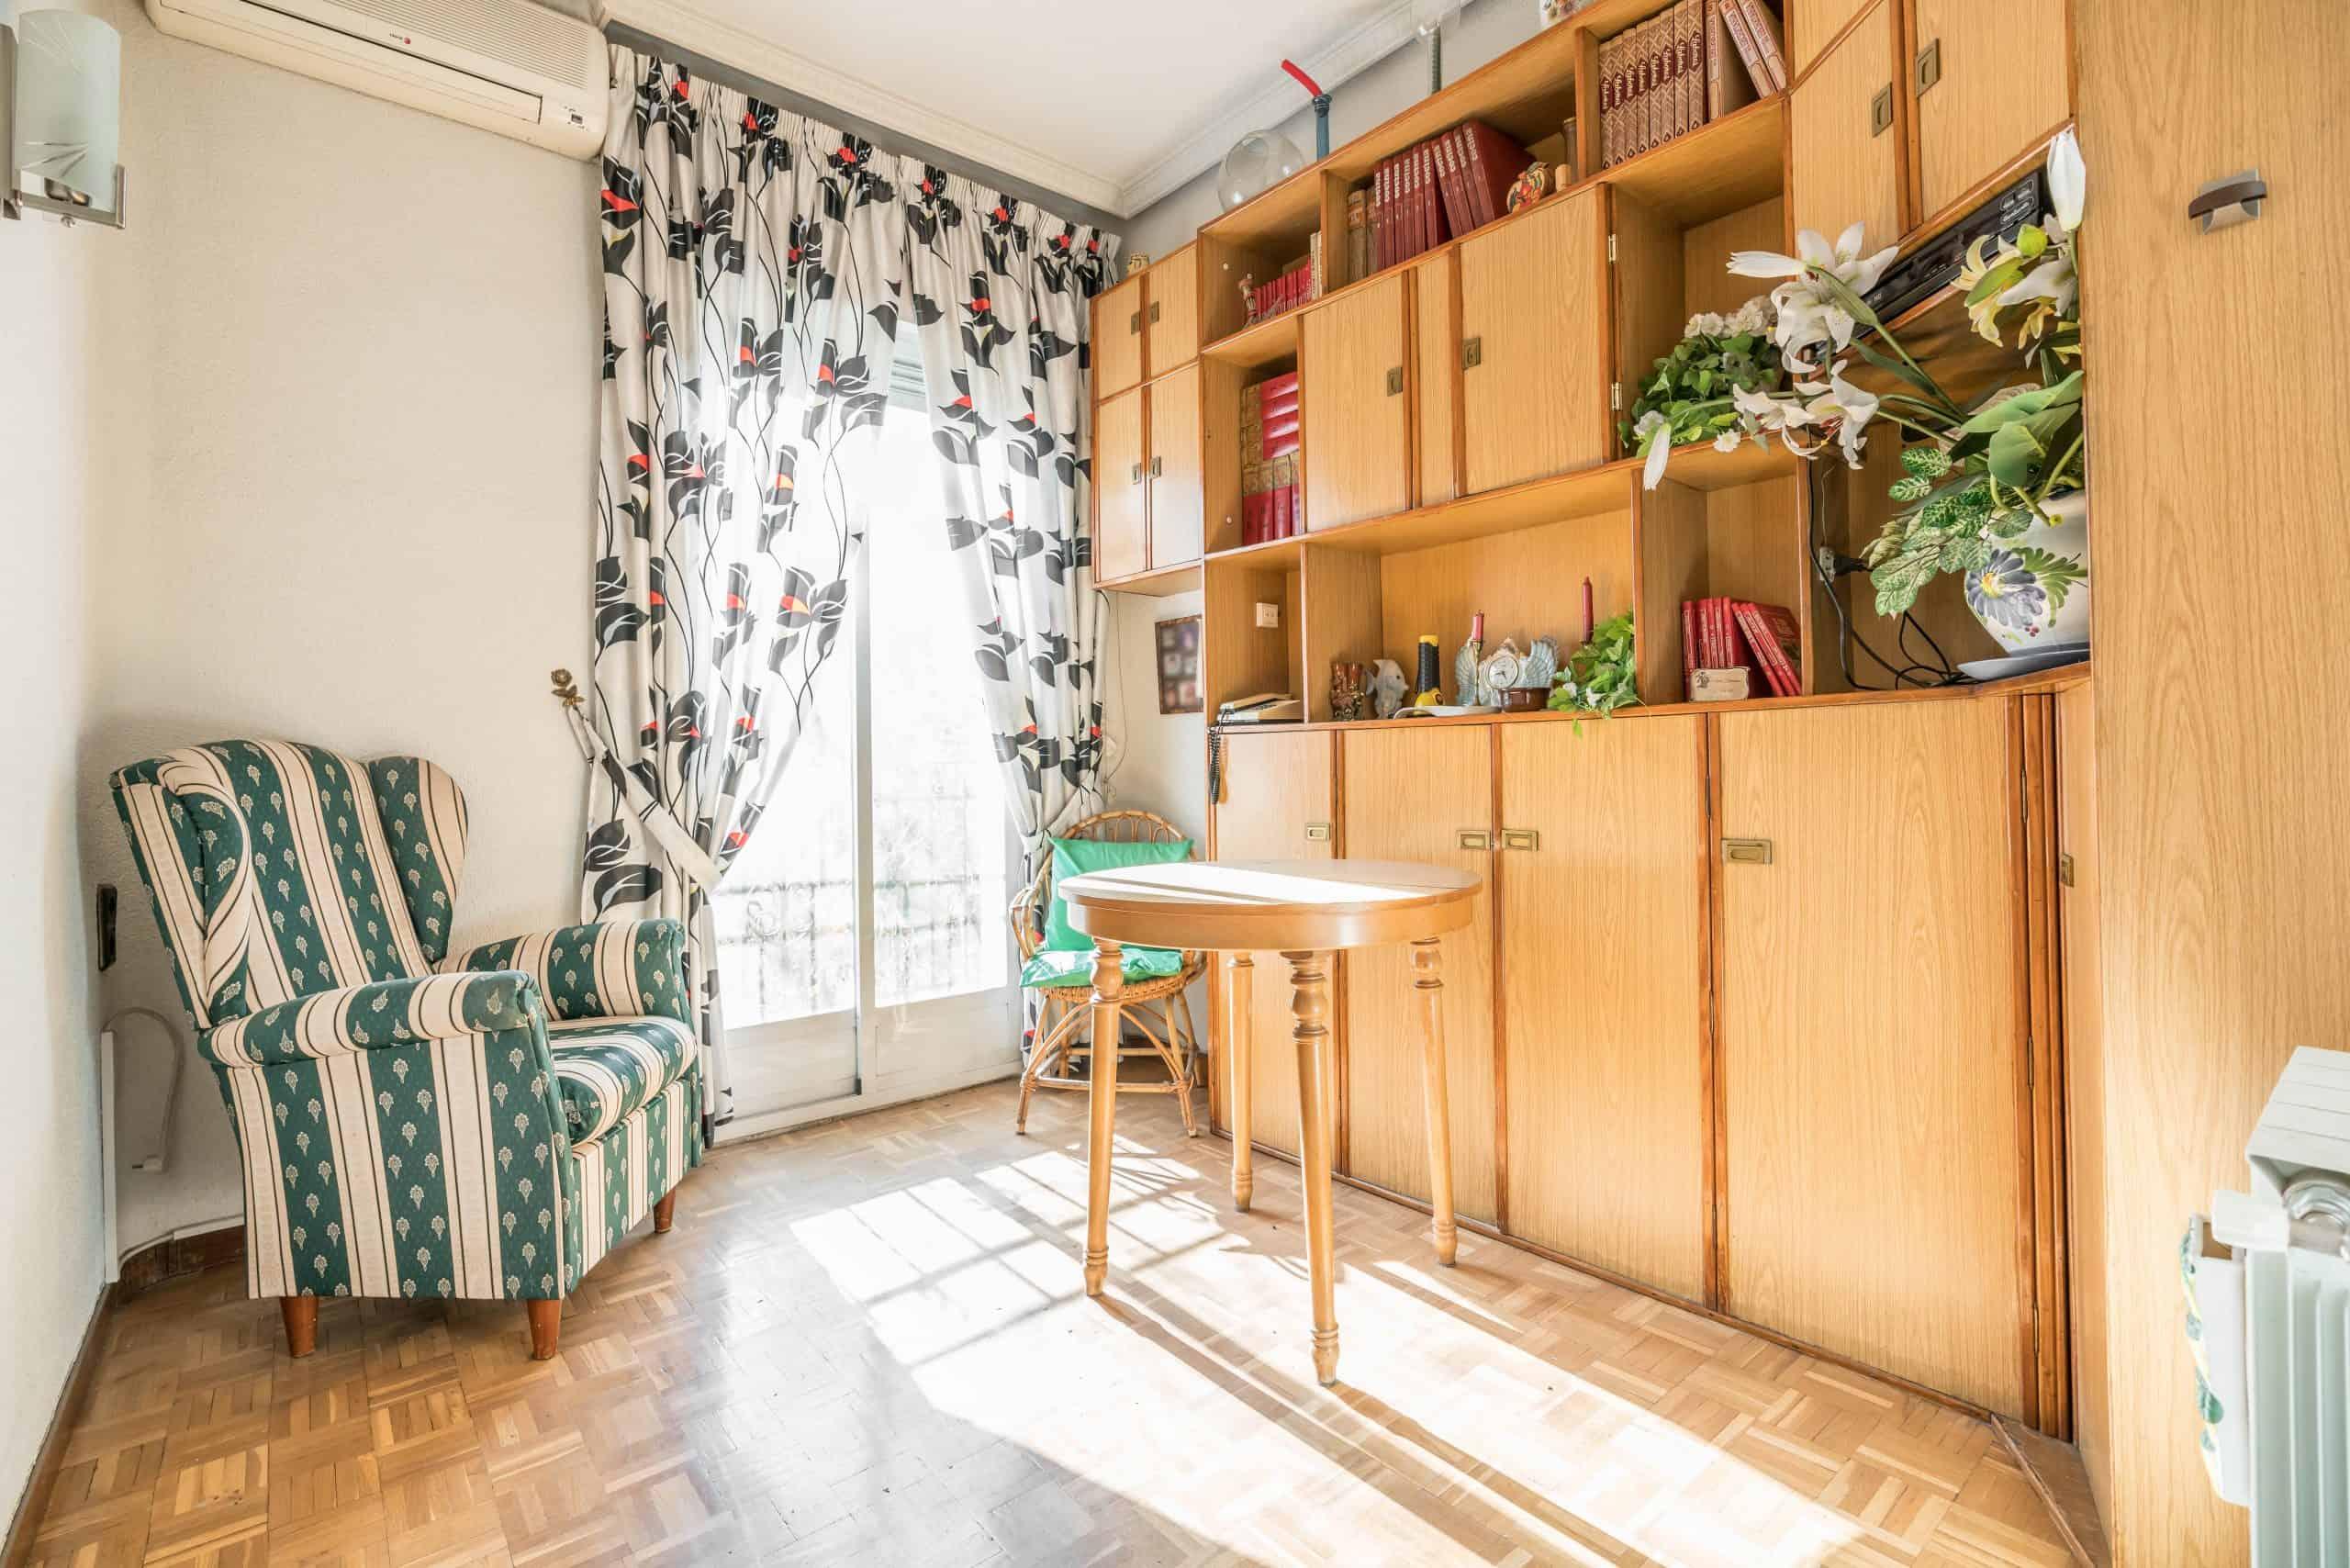 Agencia Inmobiliaria de Madrid-FUTUROCASA-Zona ARGANZUELA-EMBAJADORES-LEGAZPI -calle Guillermo de Osma 1 SALON (1) (Copy)